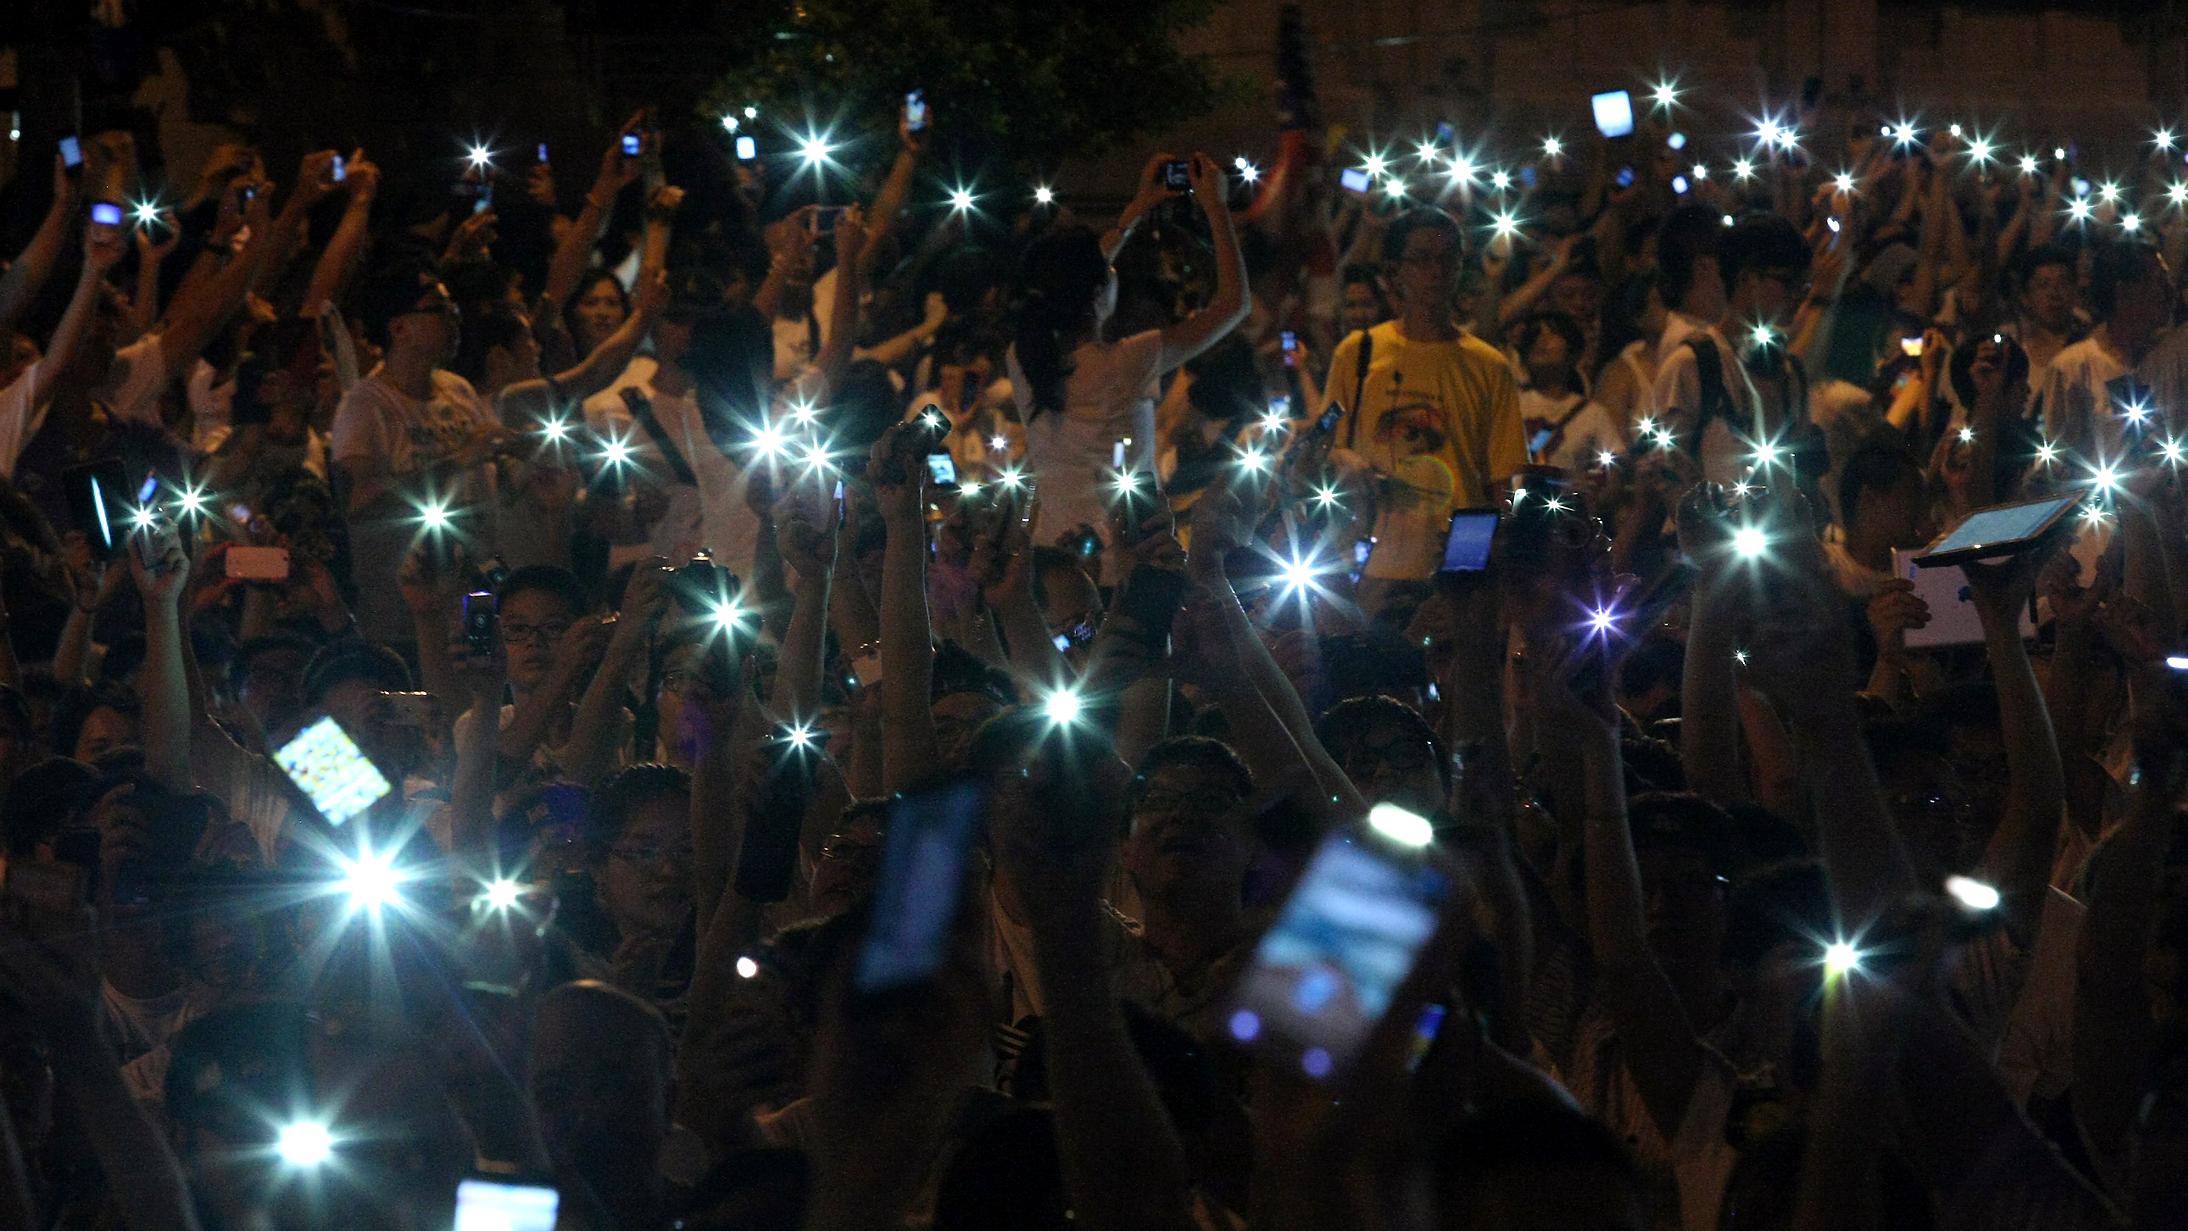 ஏப்ரல் 5 ஆம் தேதி இரவு 9 மணிக்கு மெழுகுவர்த்தி, செல்போன் விளக்குகளை ஒளிரவிட வேண்டும்; பிரதமர் மோடி Mobile-phones-022414